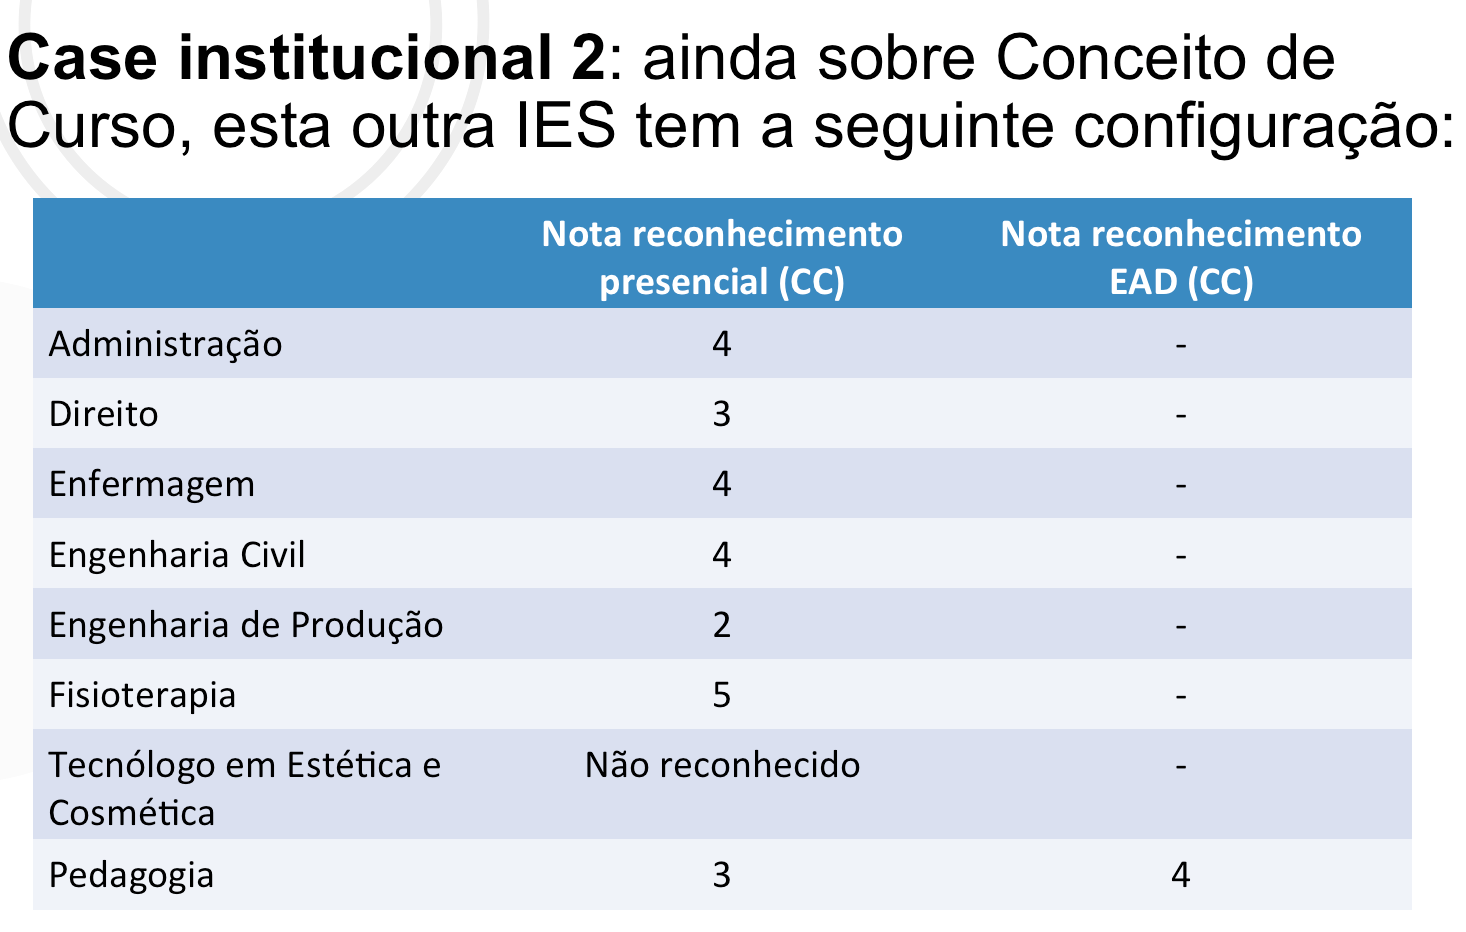 Image for Quais dos cursos acima podem chegar a 20% de EAD?